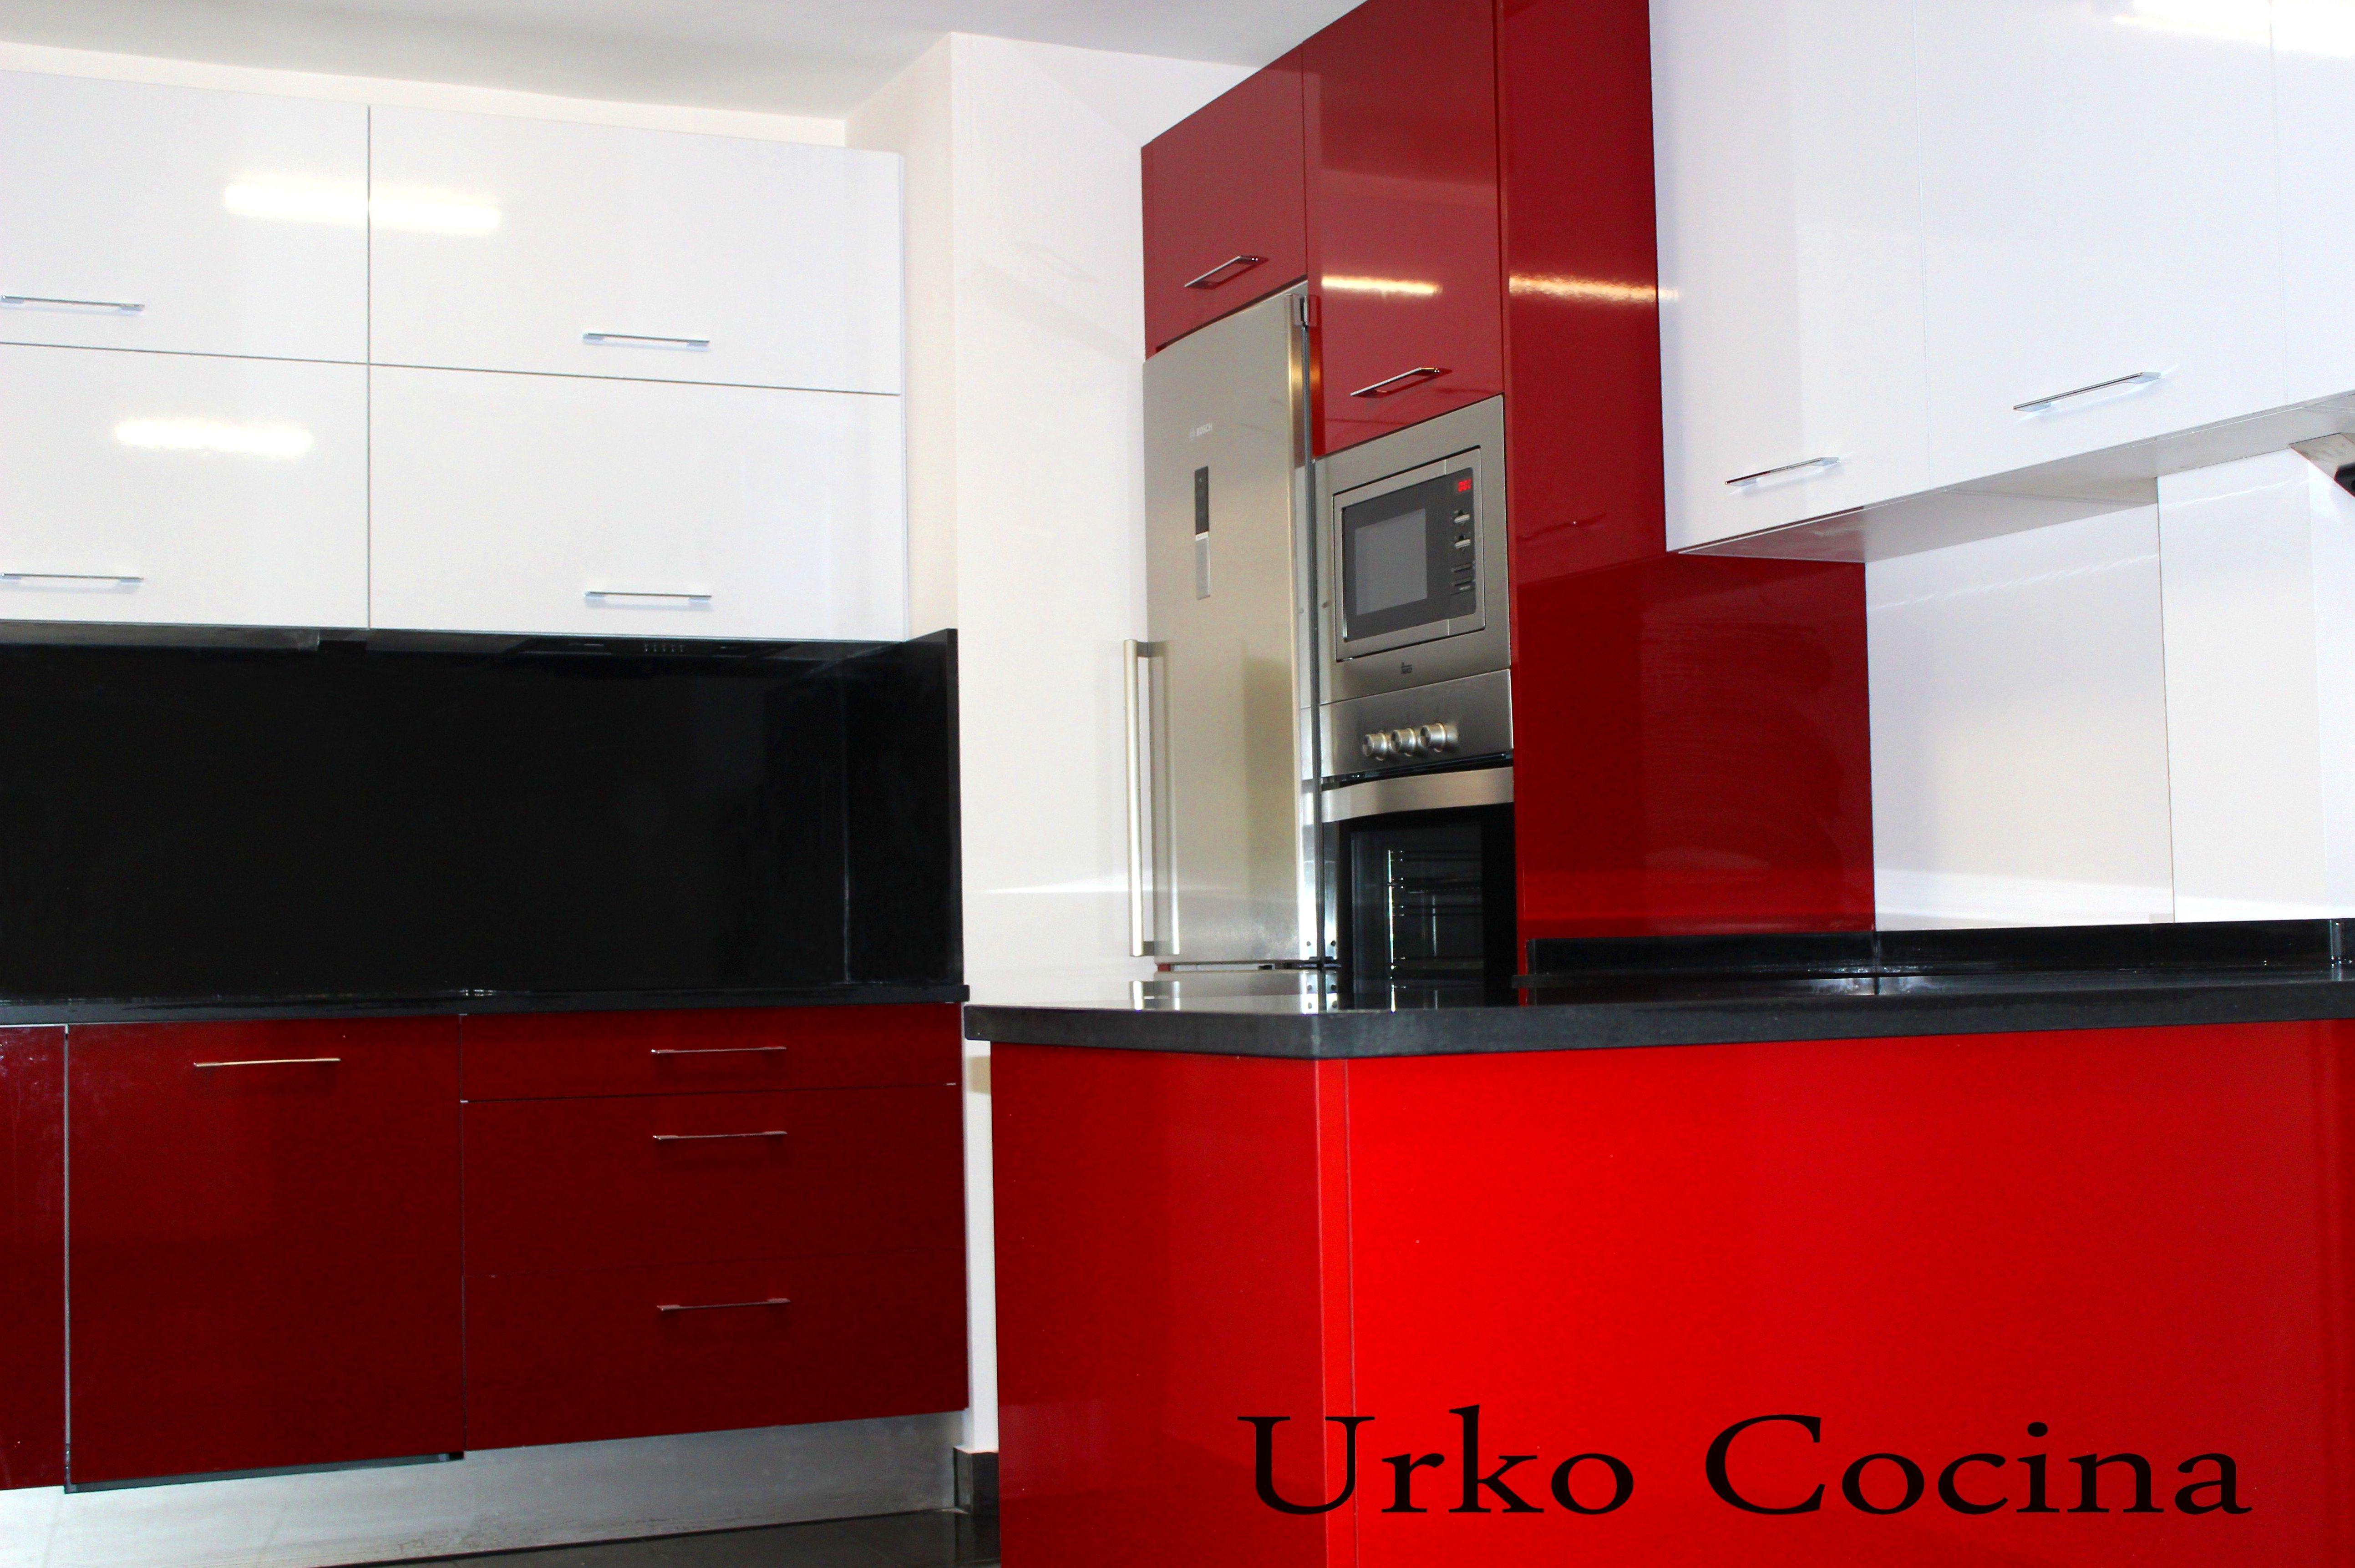 Foto 7 de Muebles de baño y cocina en Bilbao  Urko Cocina